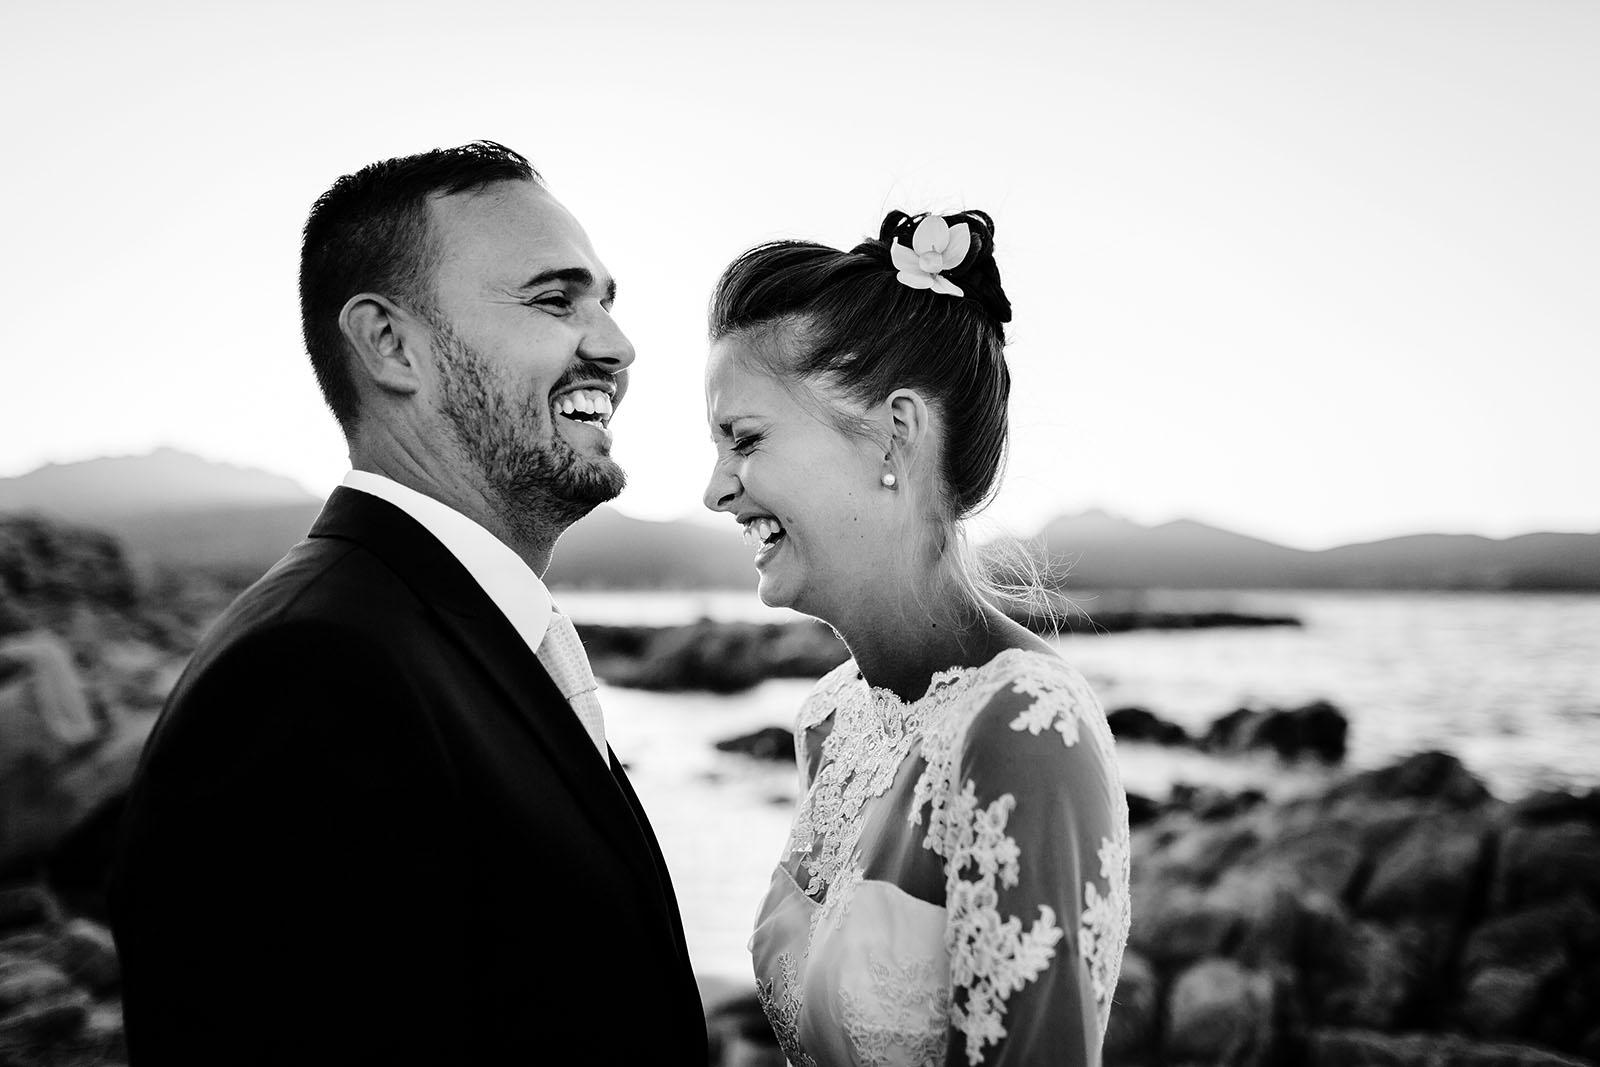 fotografo matrimonio porto rotondo, sardegna, costa smeralda, reportage di matrimonio, tramonto, spiaggia, sposi in sardegna, matrimonio esclusivo, festa in spiaggia